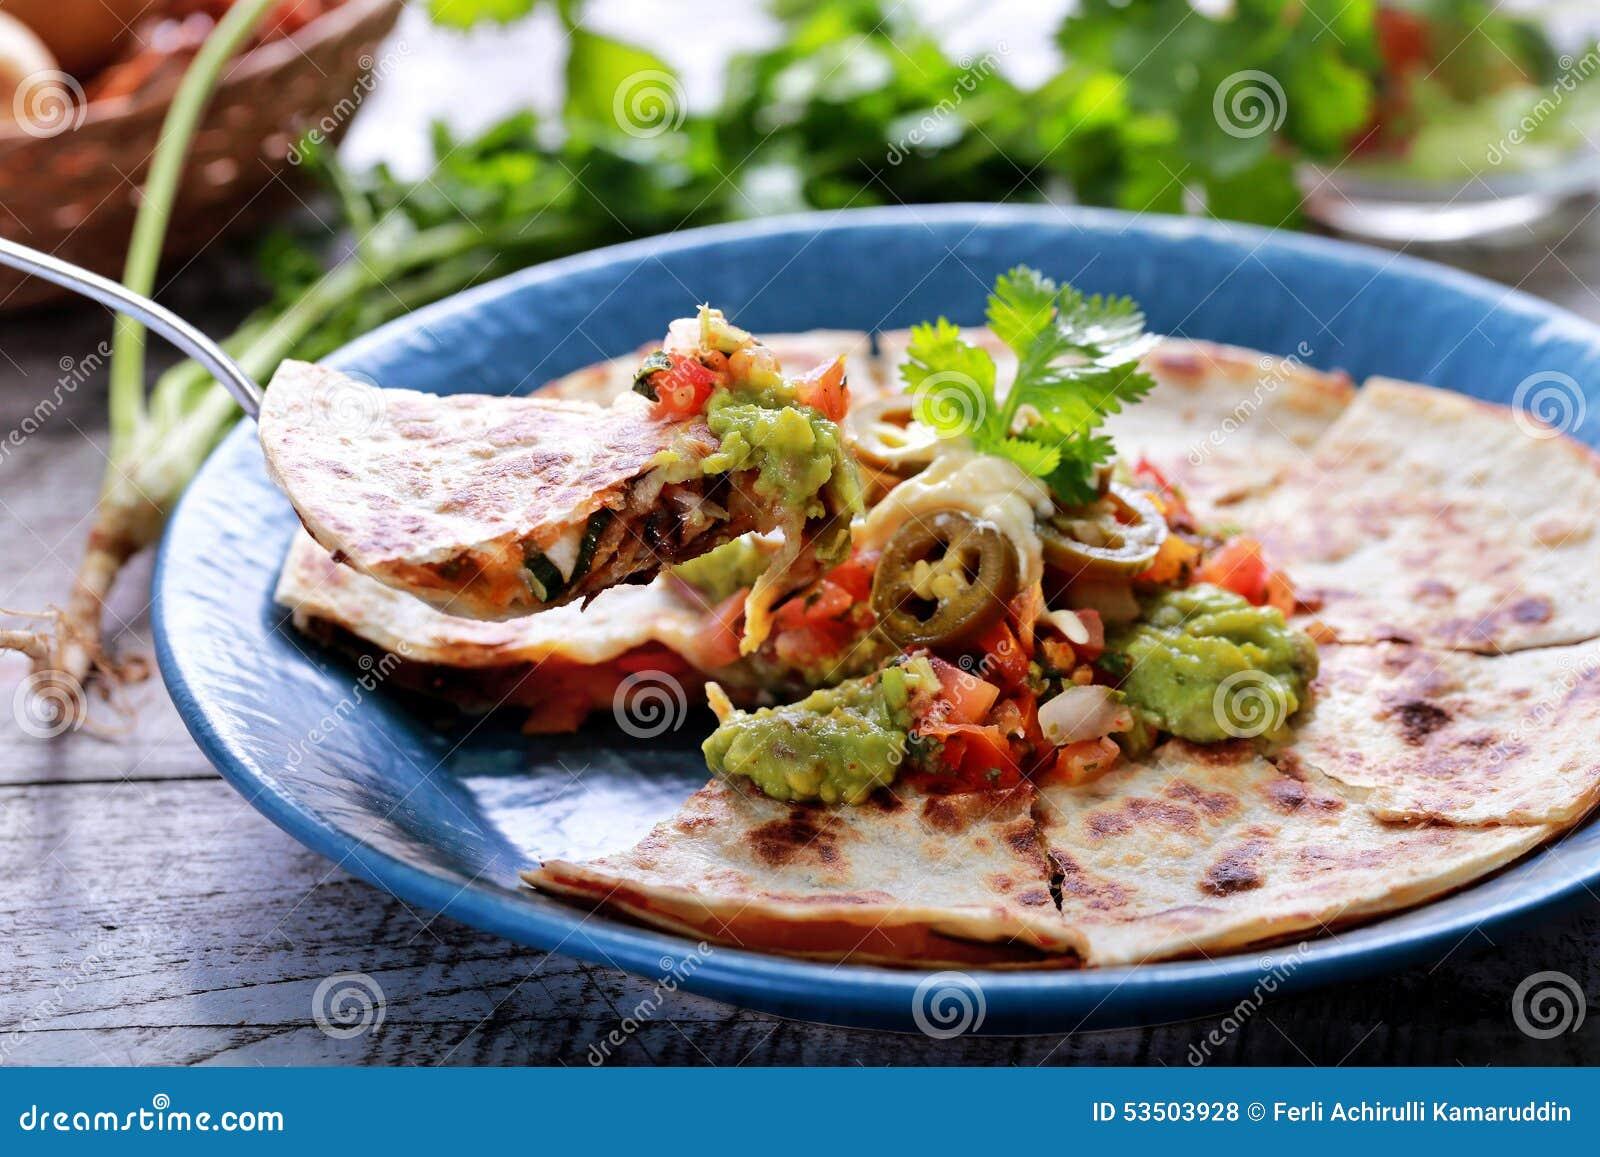 Mexican cuisine quesadilla